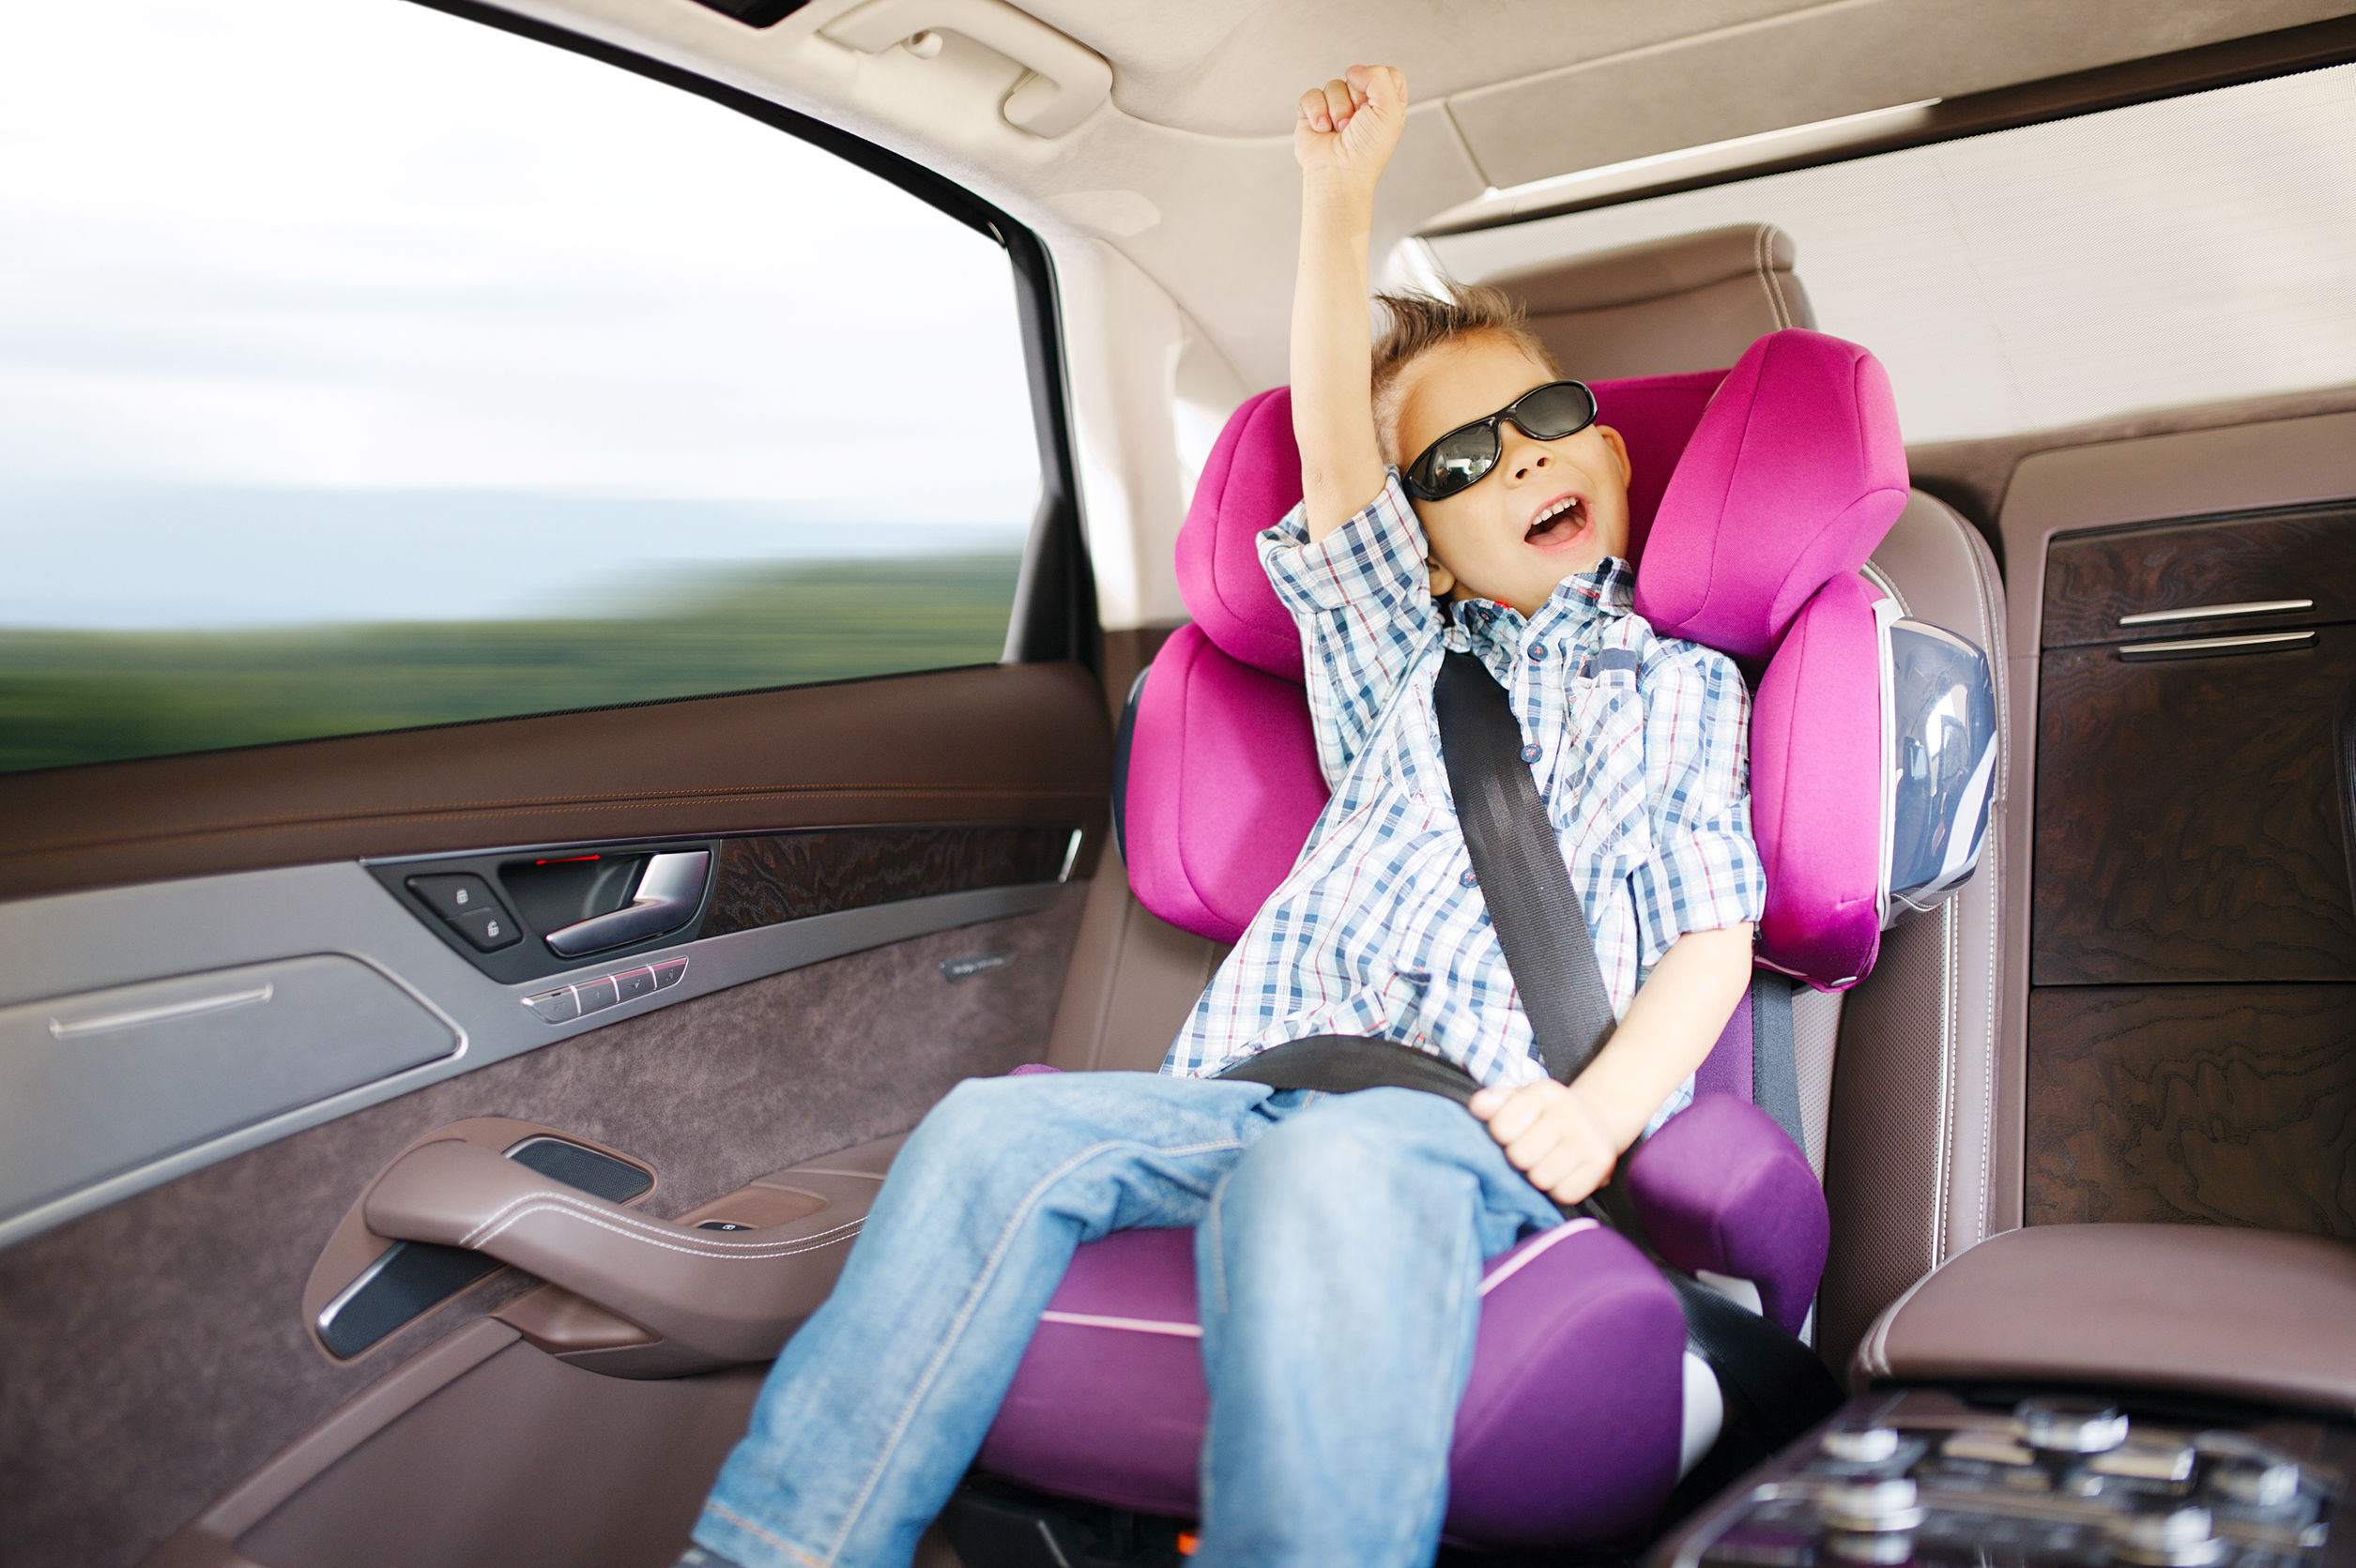 Bimbi in auto, dal 2017 nuove norme: ecco cosa sapere per ...